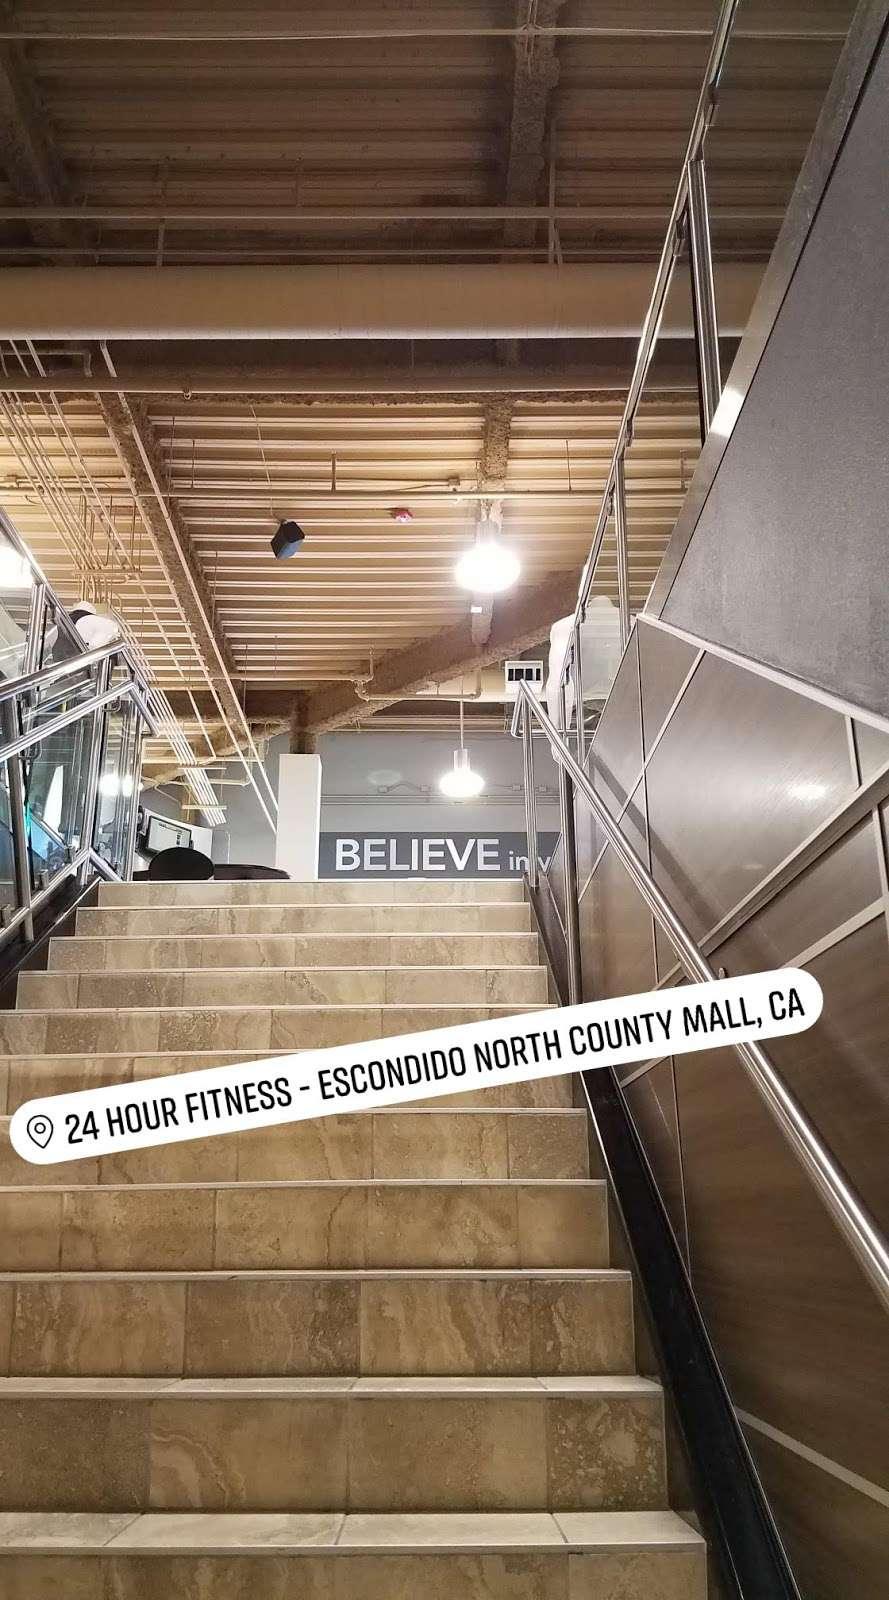 24 Hour Fitness Escondido Mall : fitness, escondido, Fitness,, Rancho, Suite, 2001,, Escondido,, 92025,